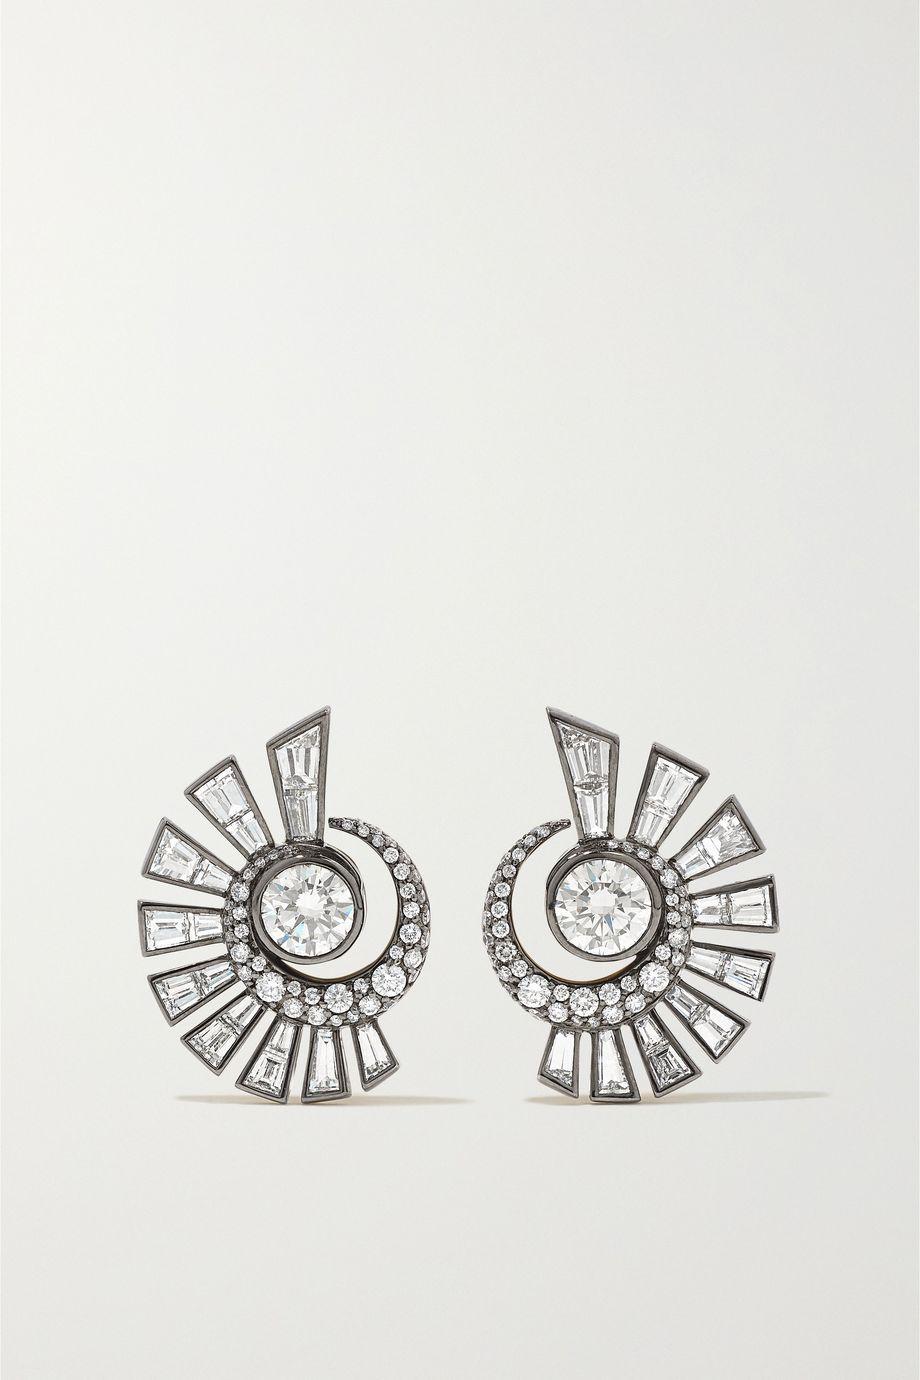 Jessica McCormack Tattoo New York 18-karat blackened white and yellow gold diamond earrings